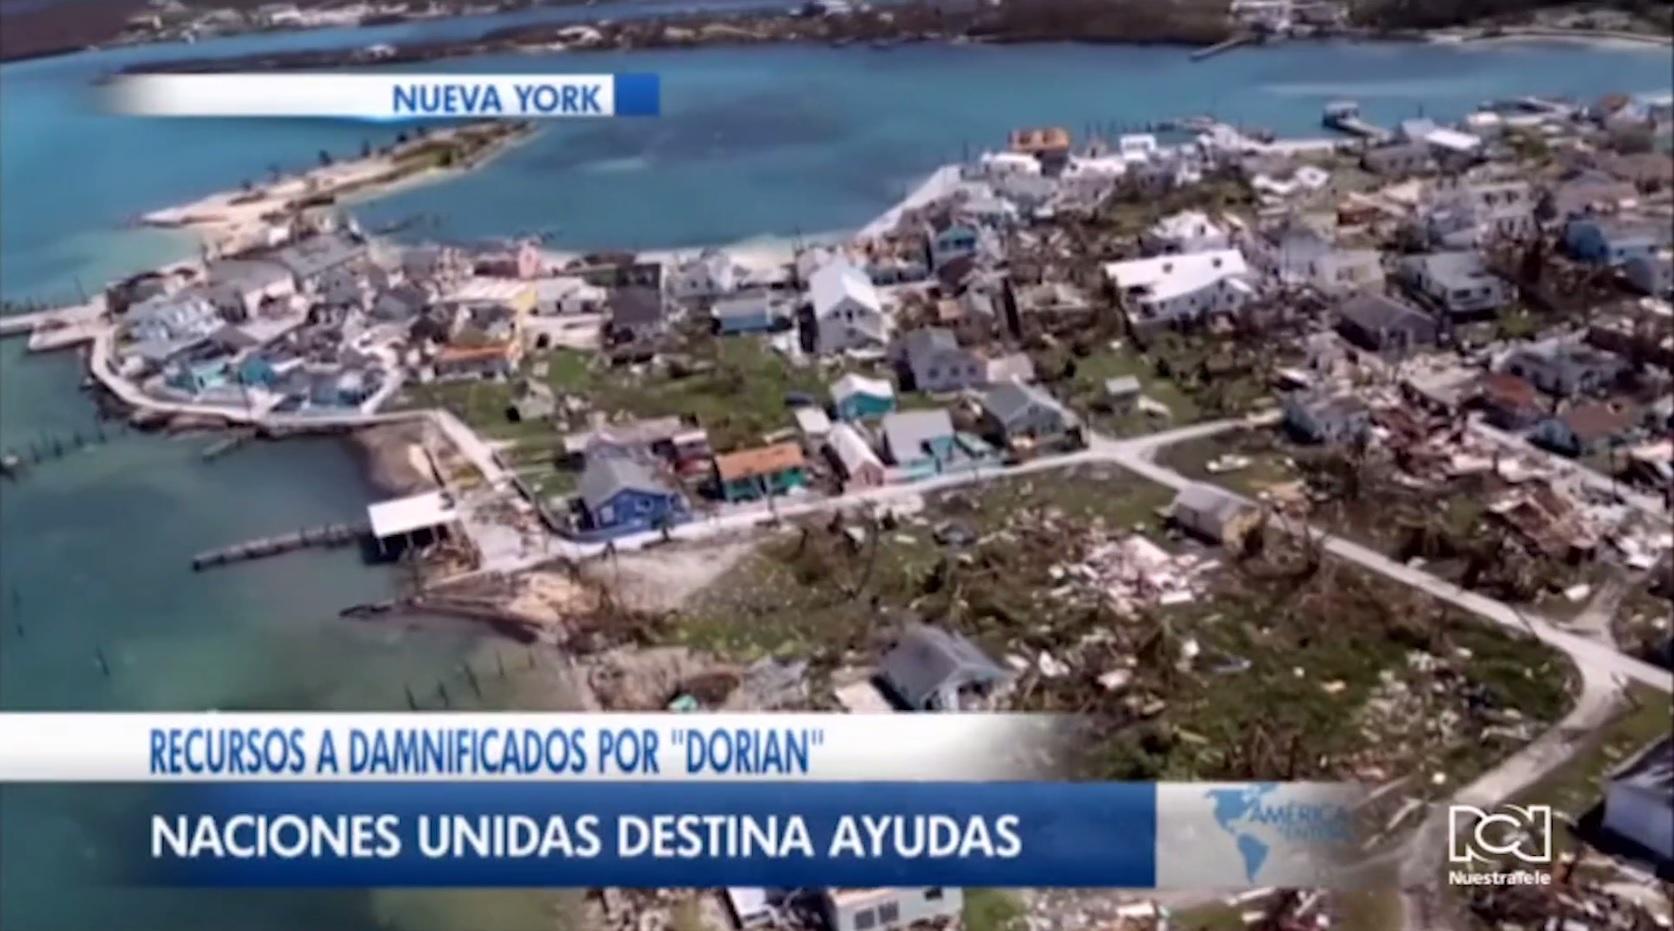 Naciones Unidas desembolsa 1 millón de dólares para ayudar a las víctimas del huracán Dorian en Bahamas